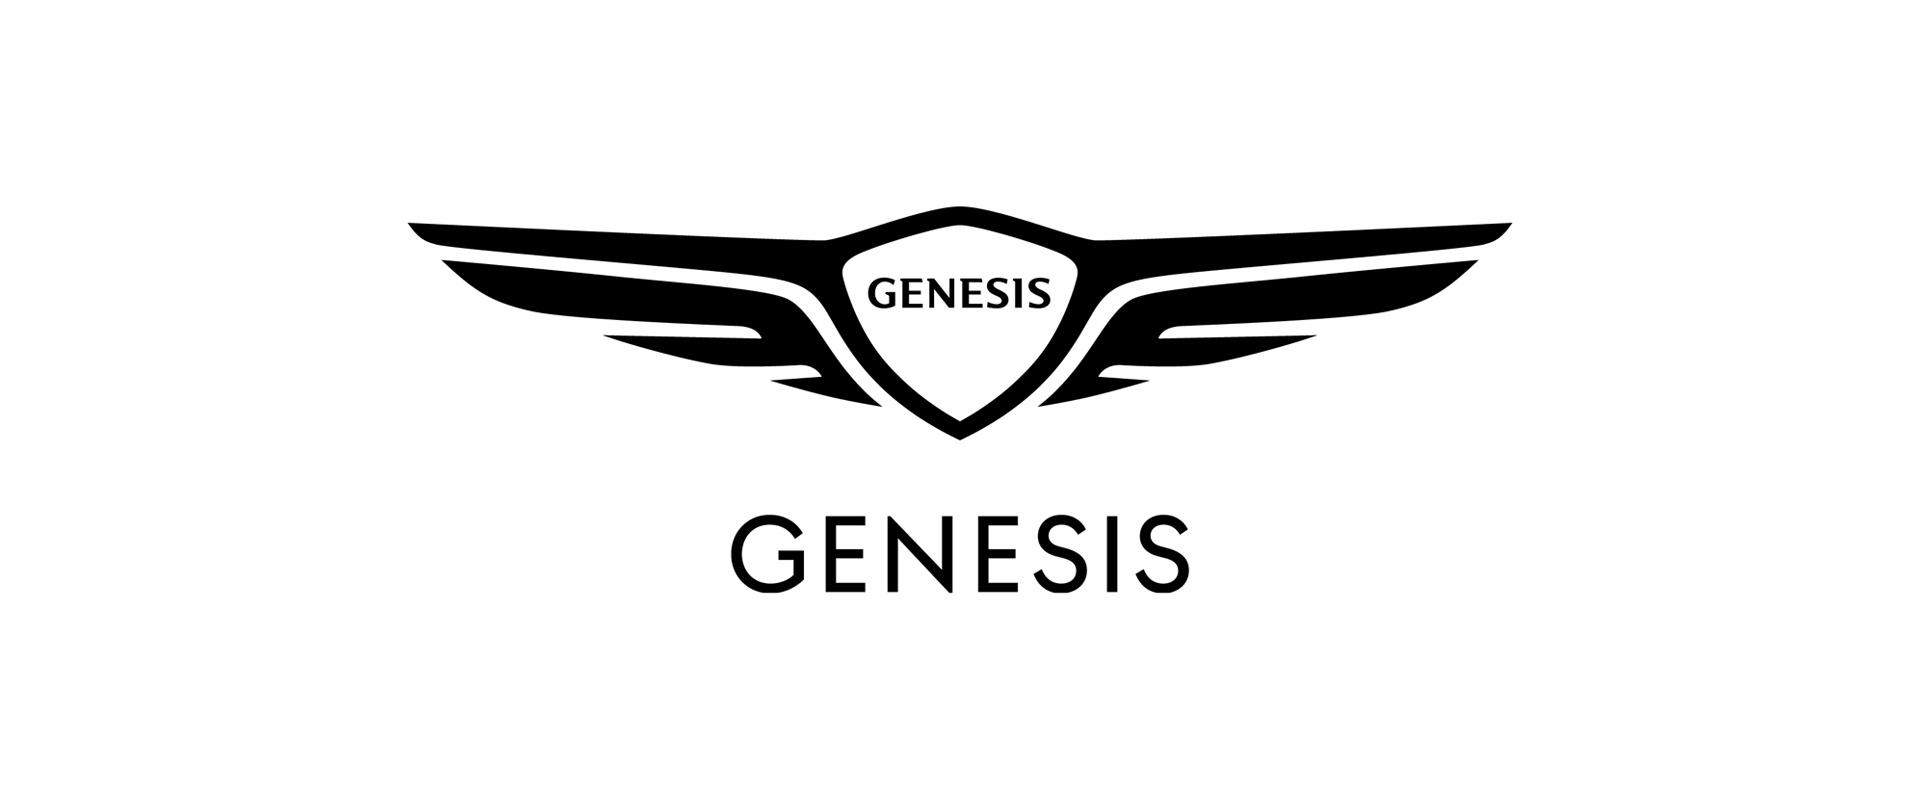 JAY CHANG NAMED AS NEW GLOBAL HEAD OF GENESIS